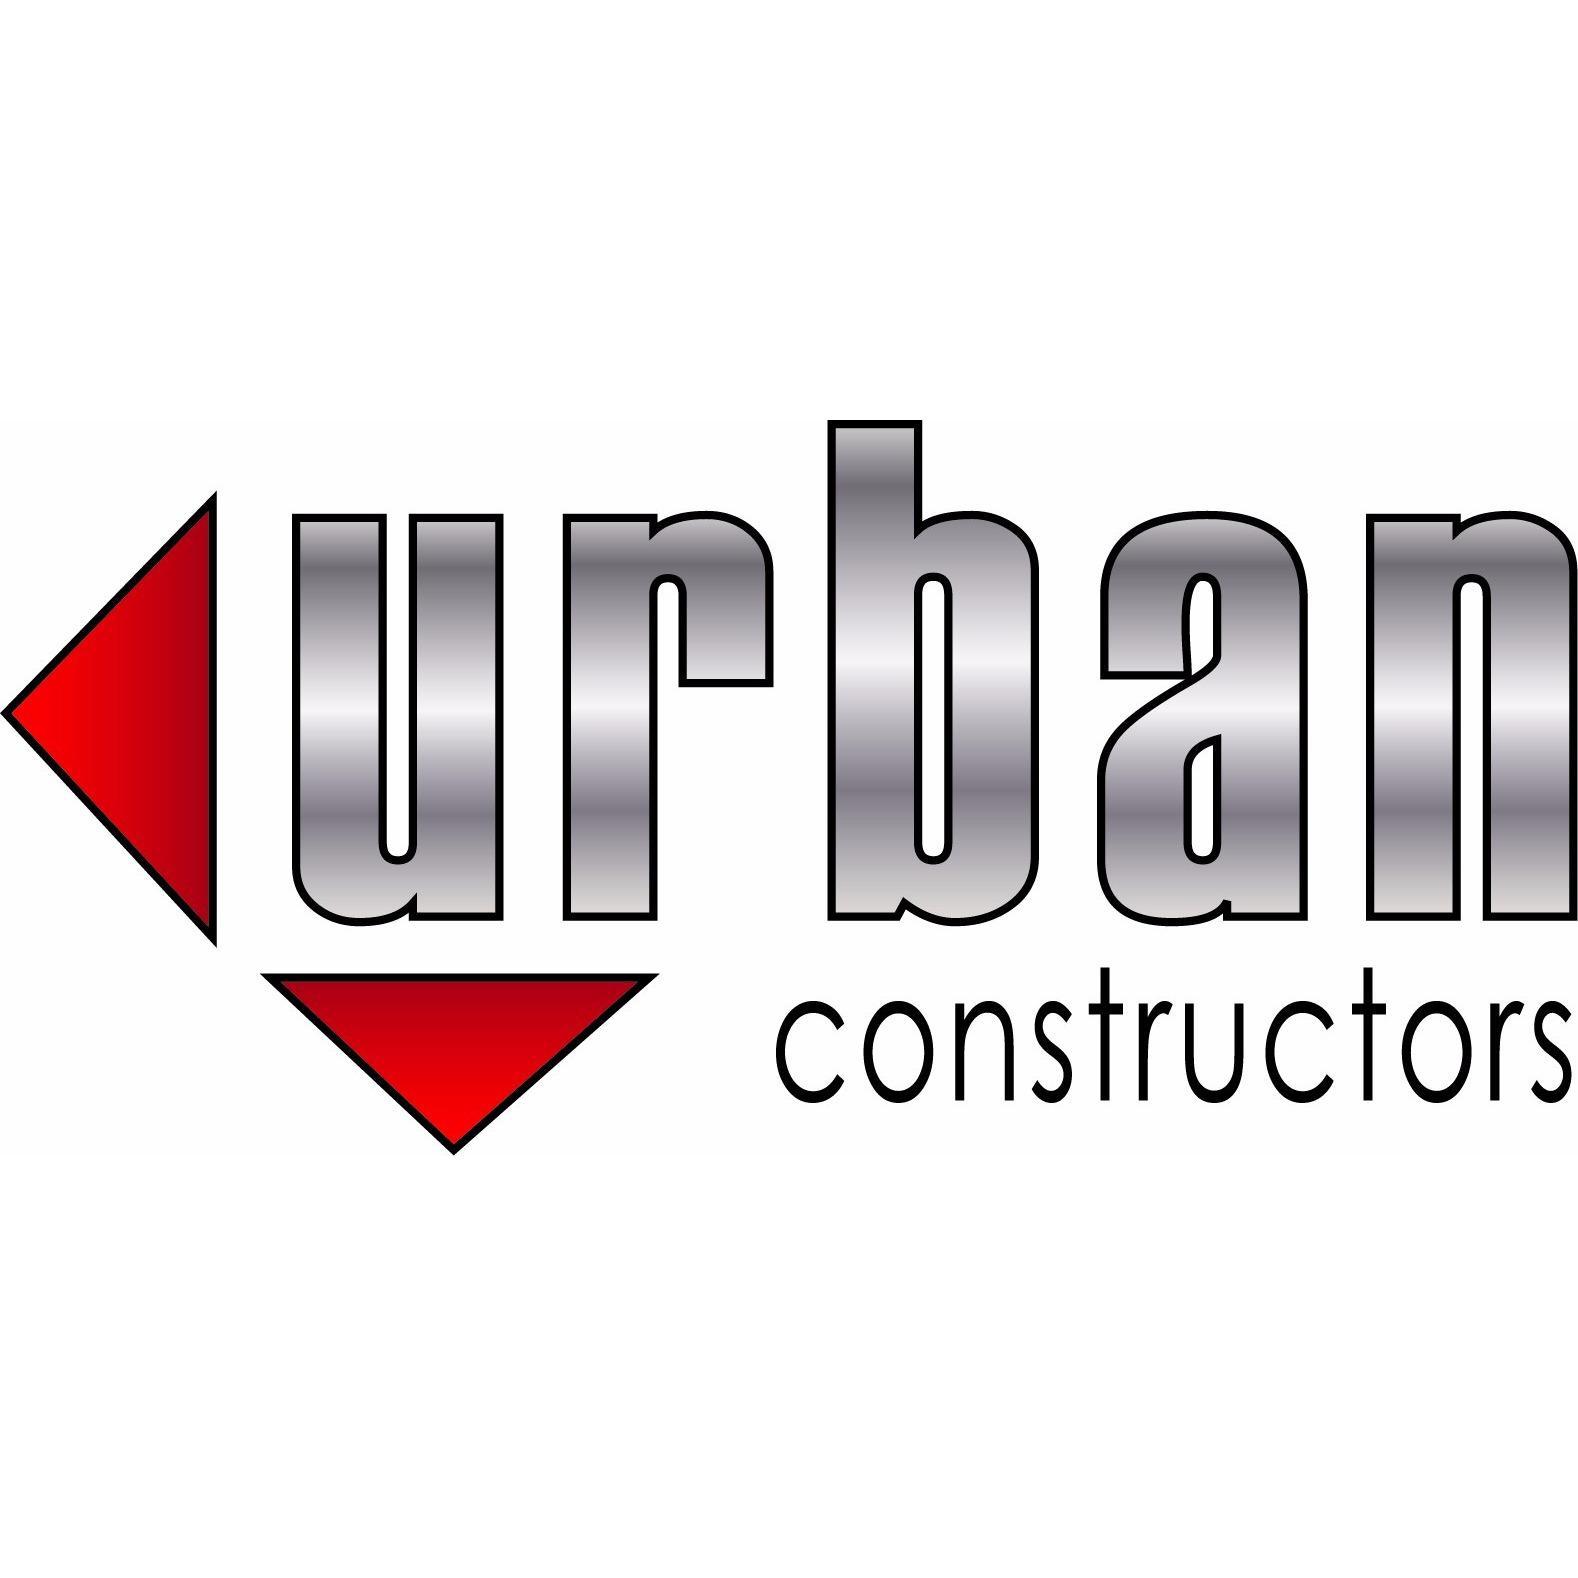 Urban Constructors Inc.